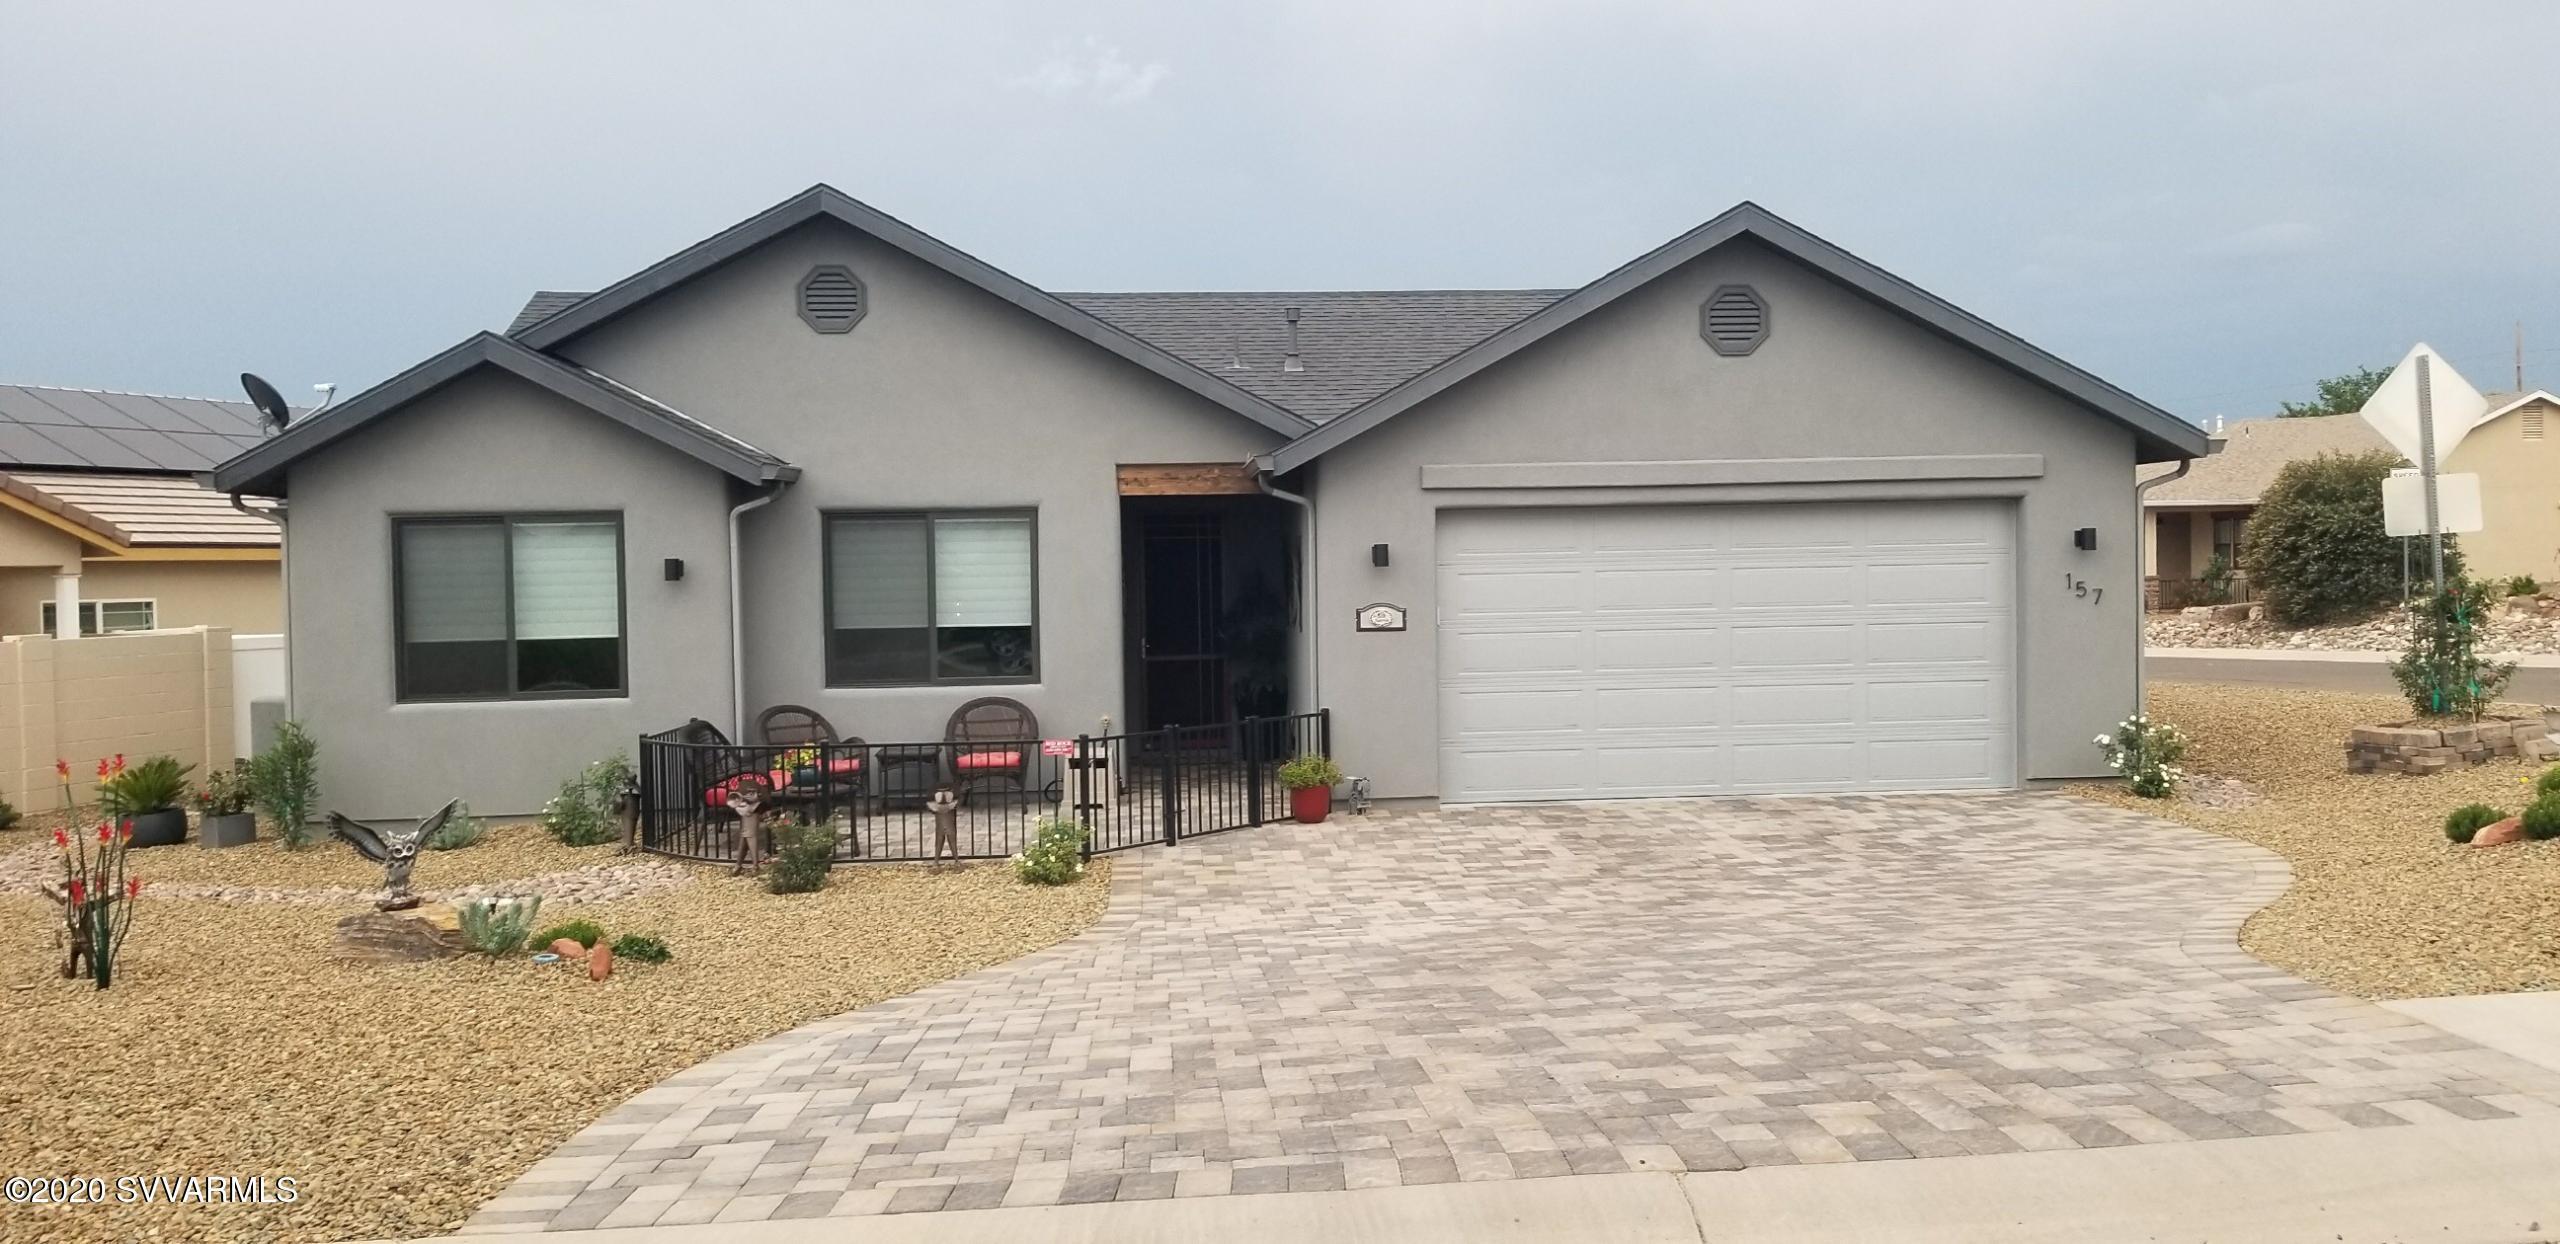 460 Skyline Blvd Clarkdale, AZ 86324